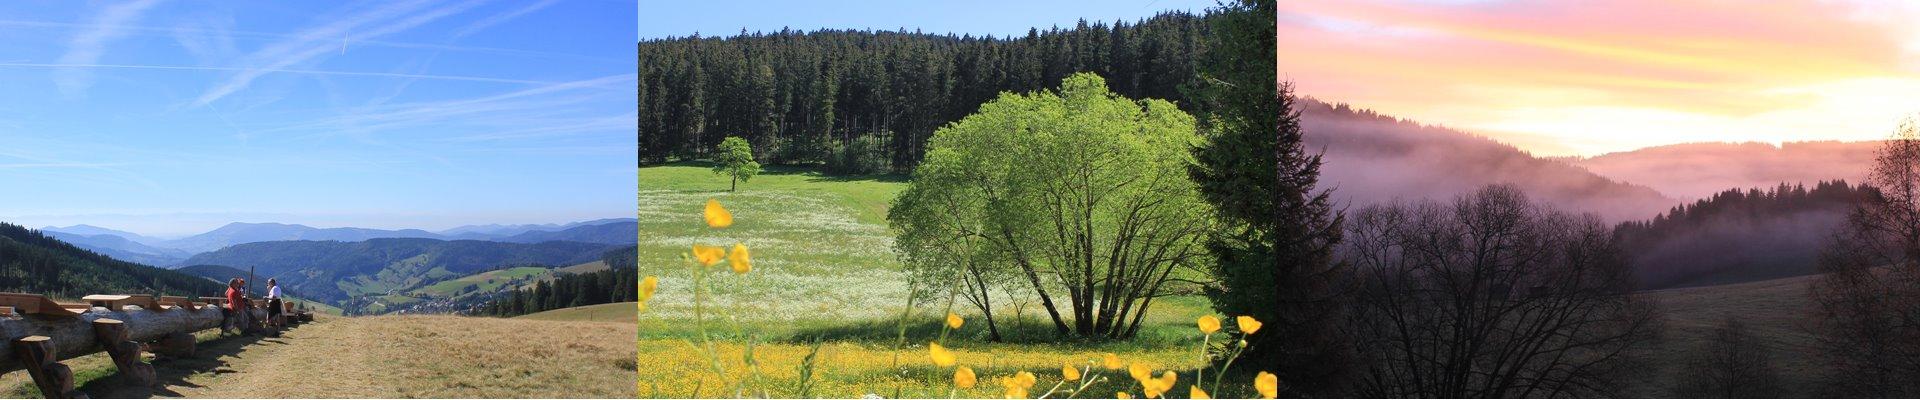 Collage: Stuebenwasen + Blumenwiese beim Ferienhaus + Morgenrot im Jostal / Griesbachhof-Schwarzwald